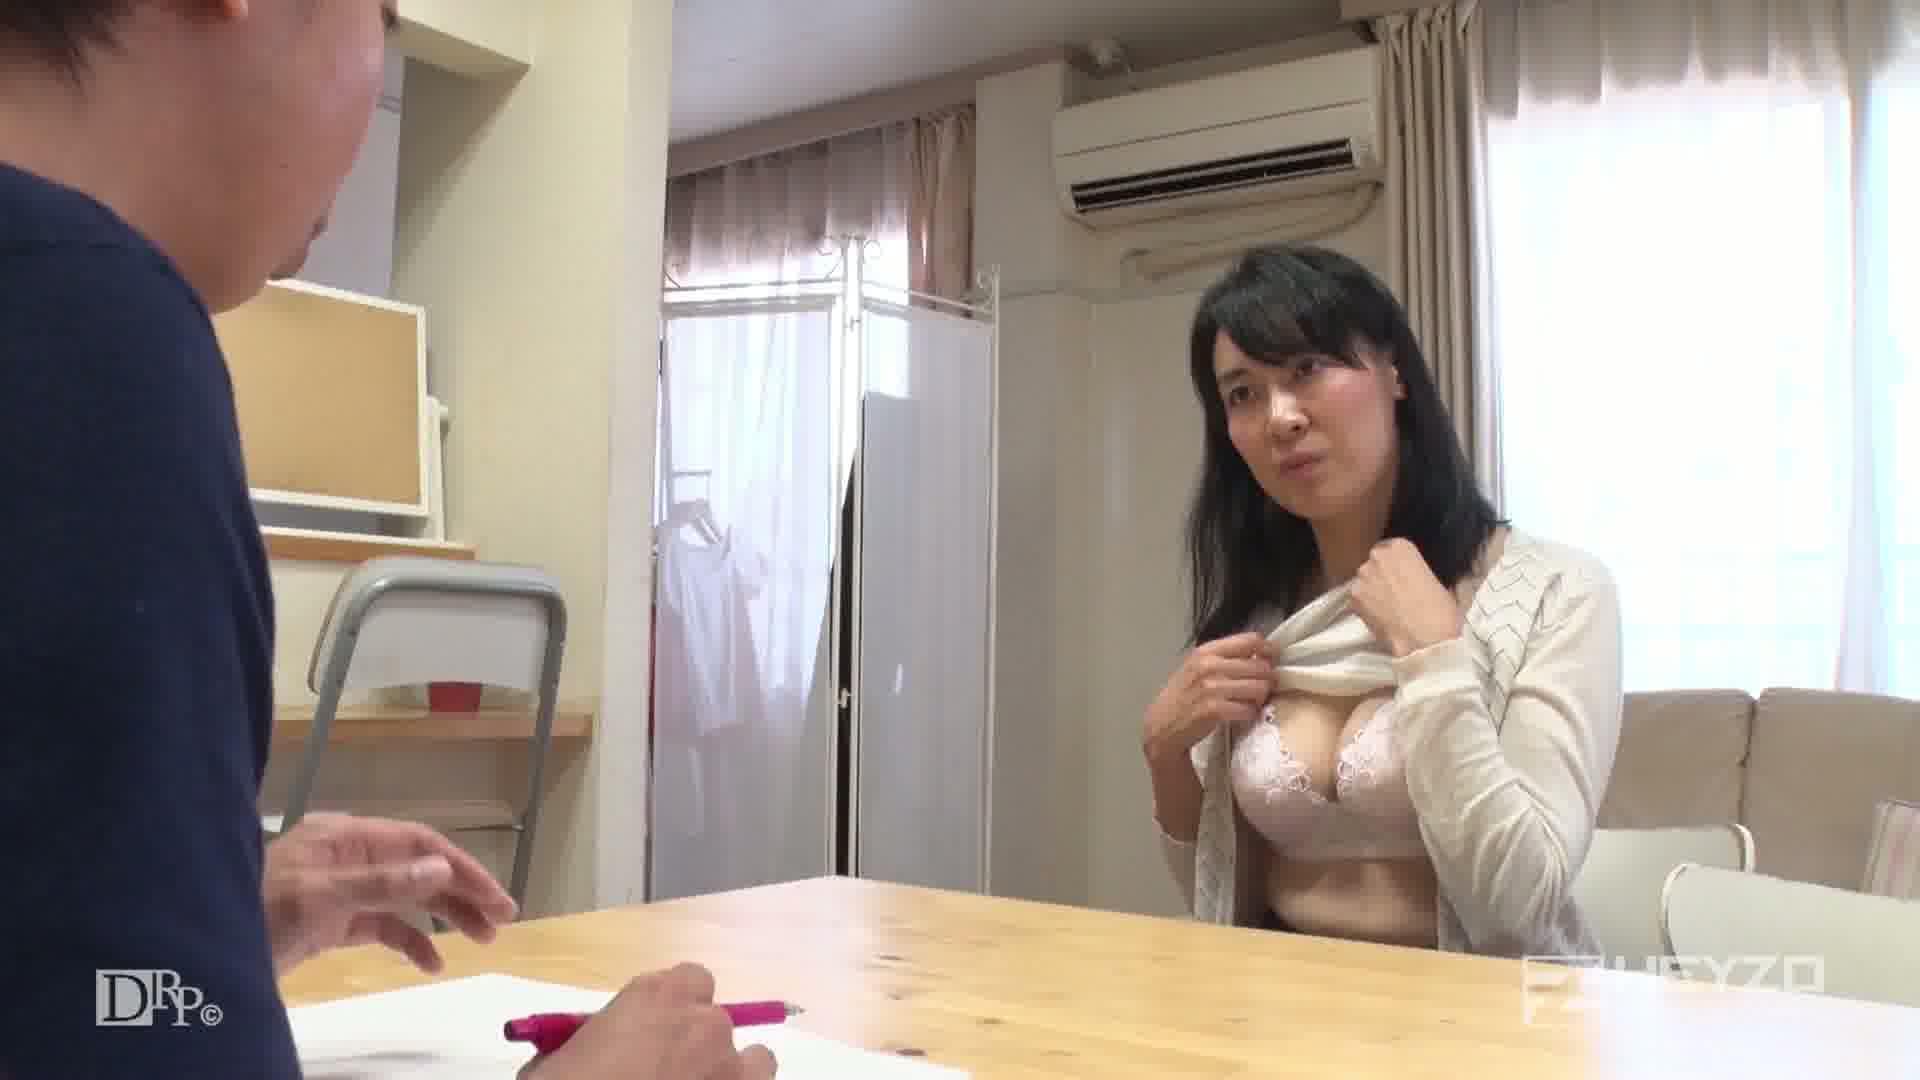 バツイチ独身女がAV出演に応募してきた件 - 高石おりえ【絡み キス】